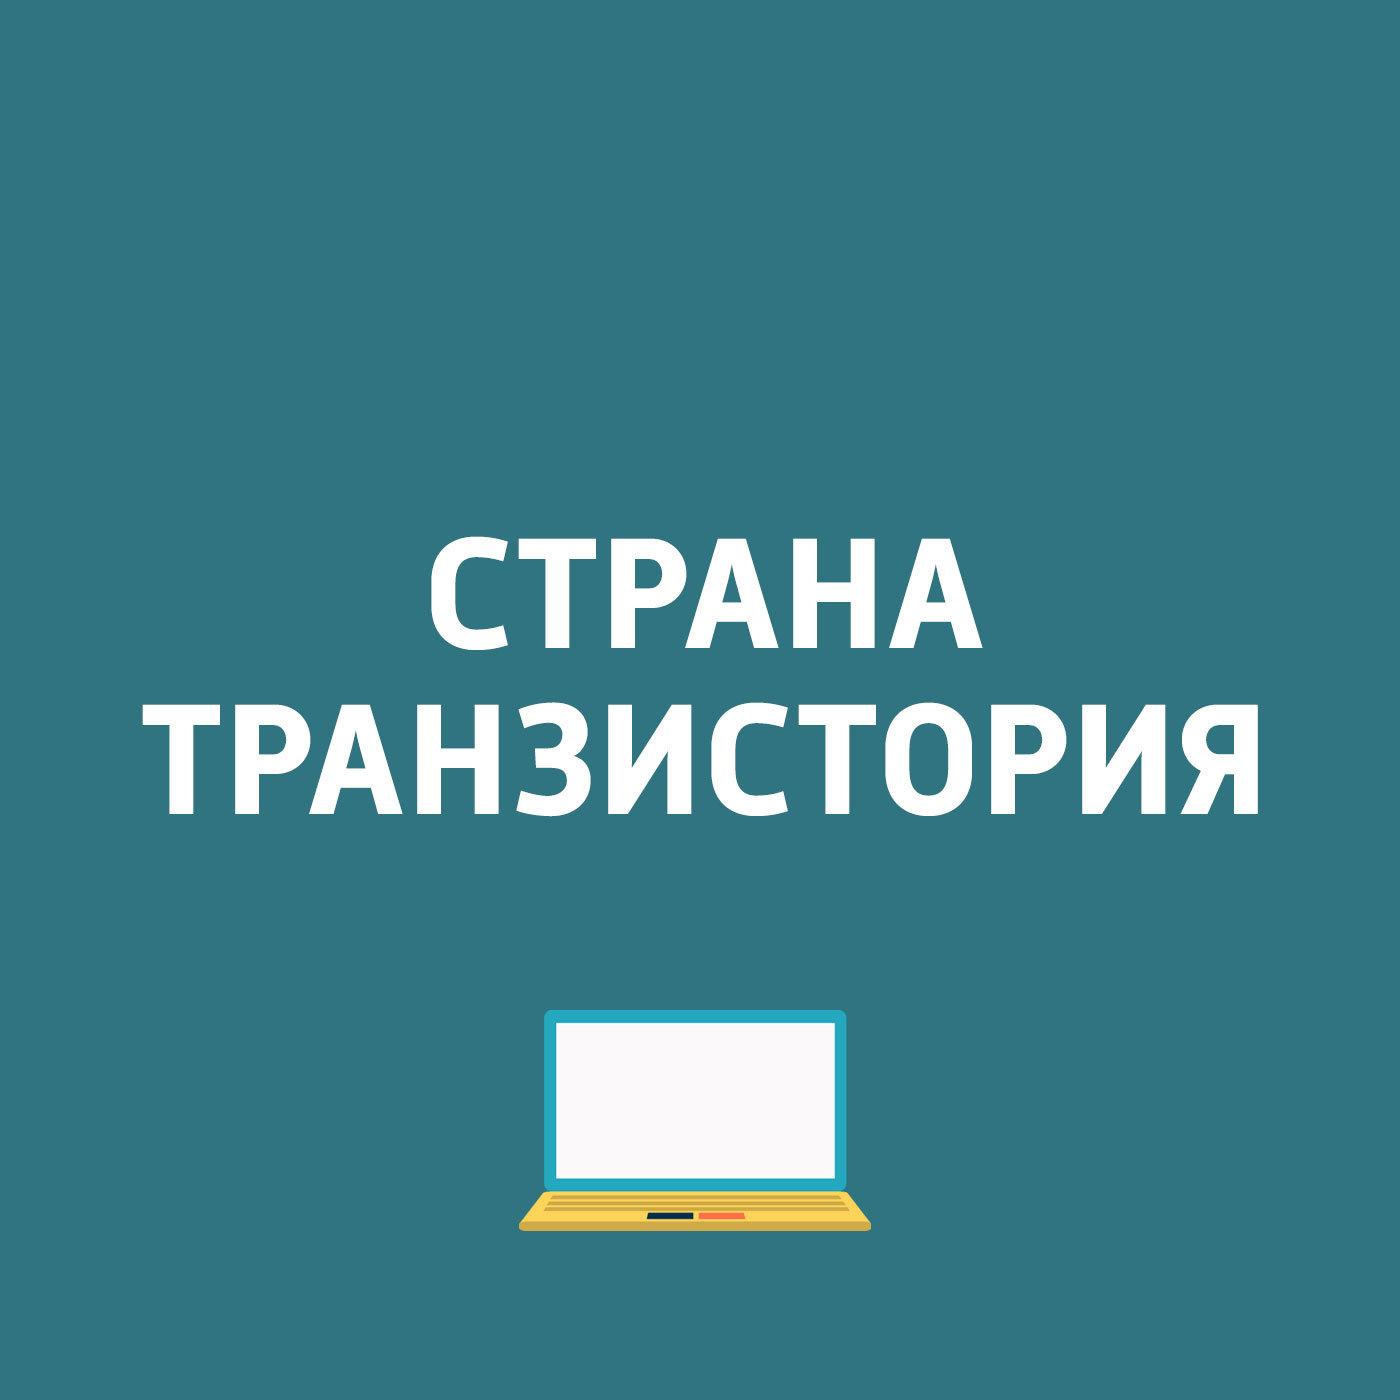 Картаев Павел Xperia-X картаев павел sony xperia x performance в рф huawei новый планшет секретные чаты в фб